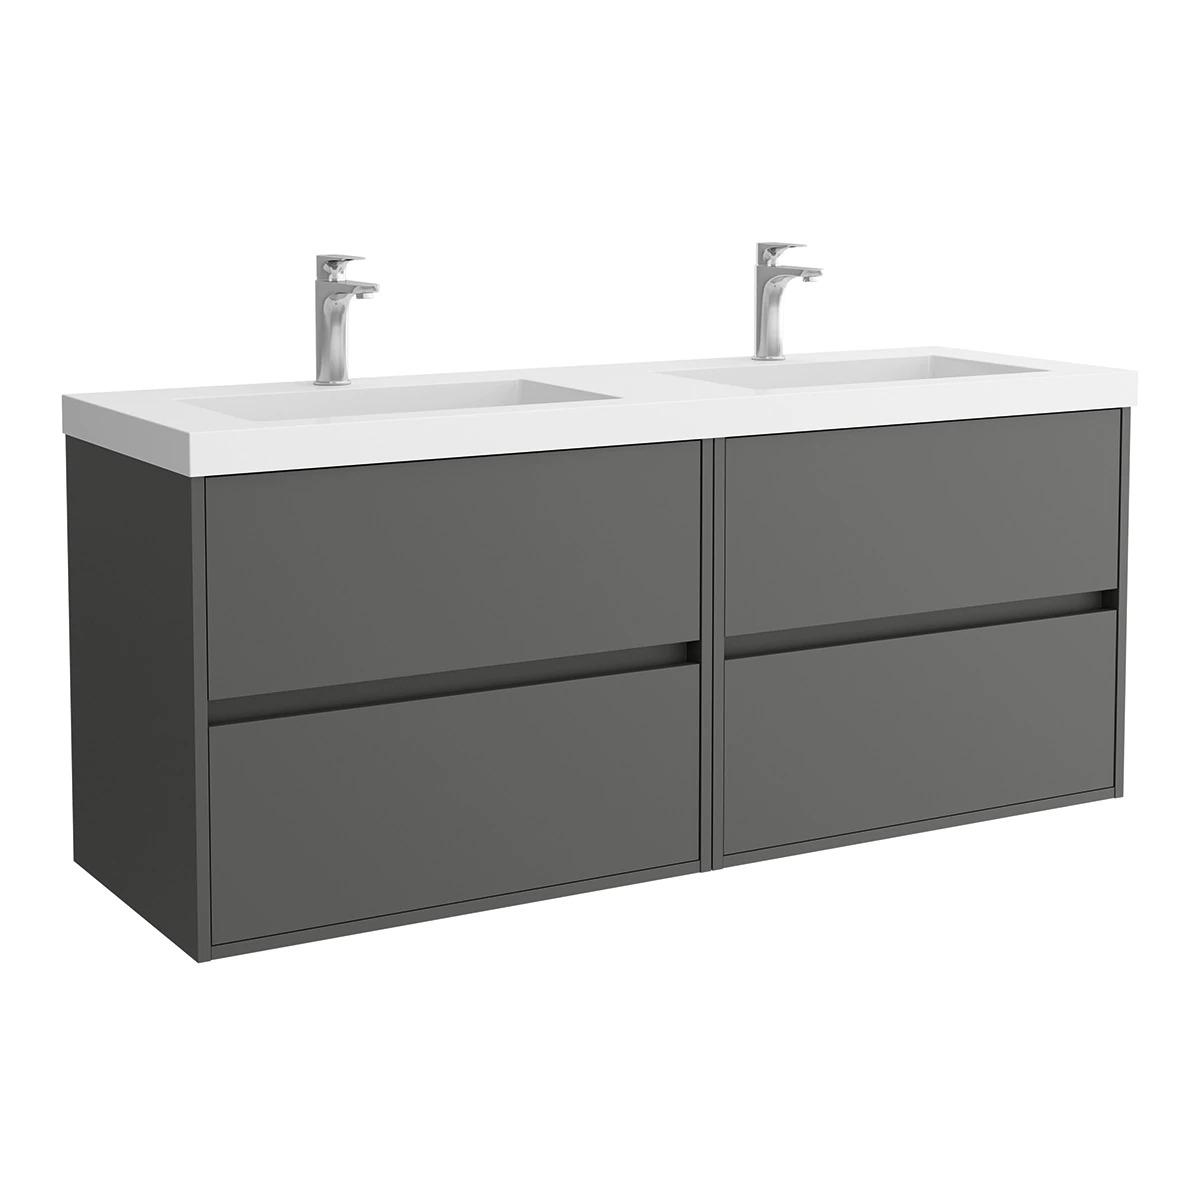 Mueble de baño doble con 4 cajones y lavabo mineral Noja Salgar